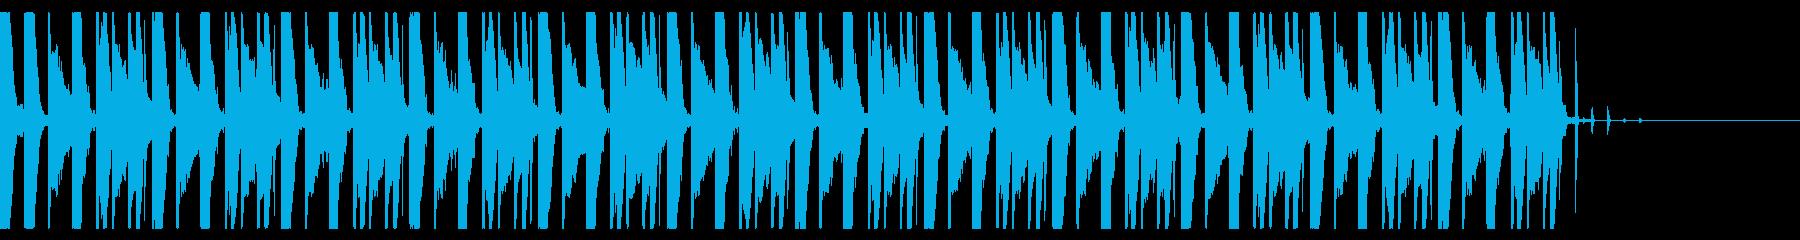 ファミコンゲームのピコピコしている音の再生済みの波形